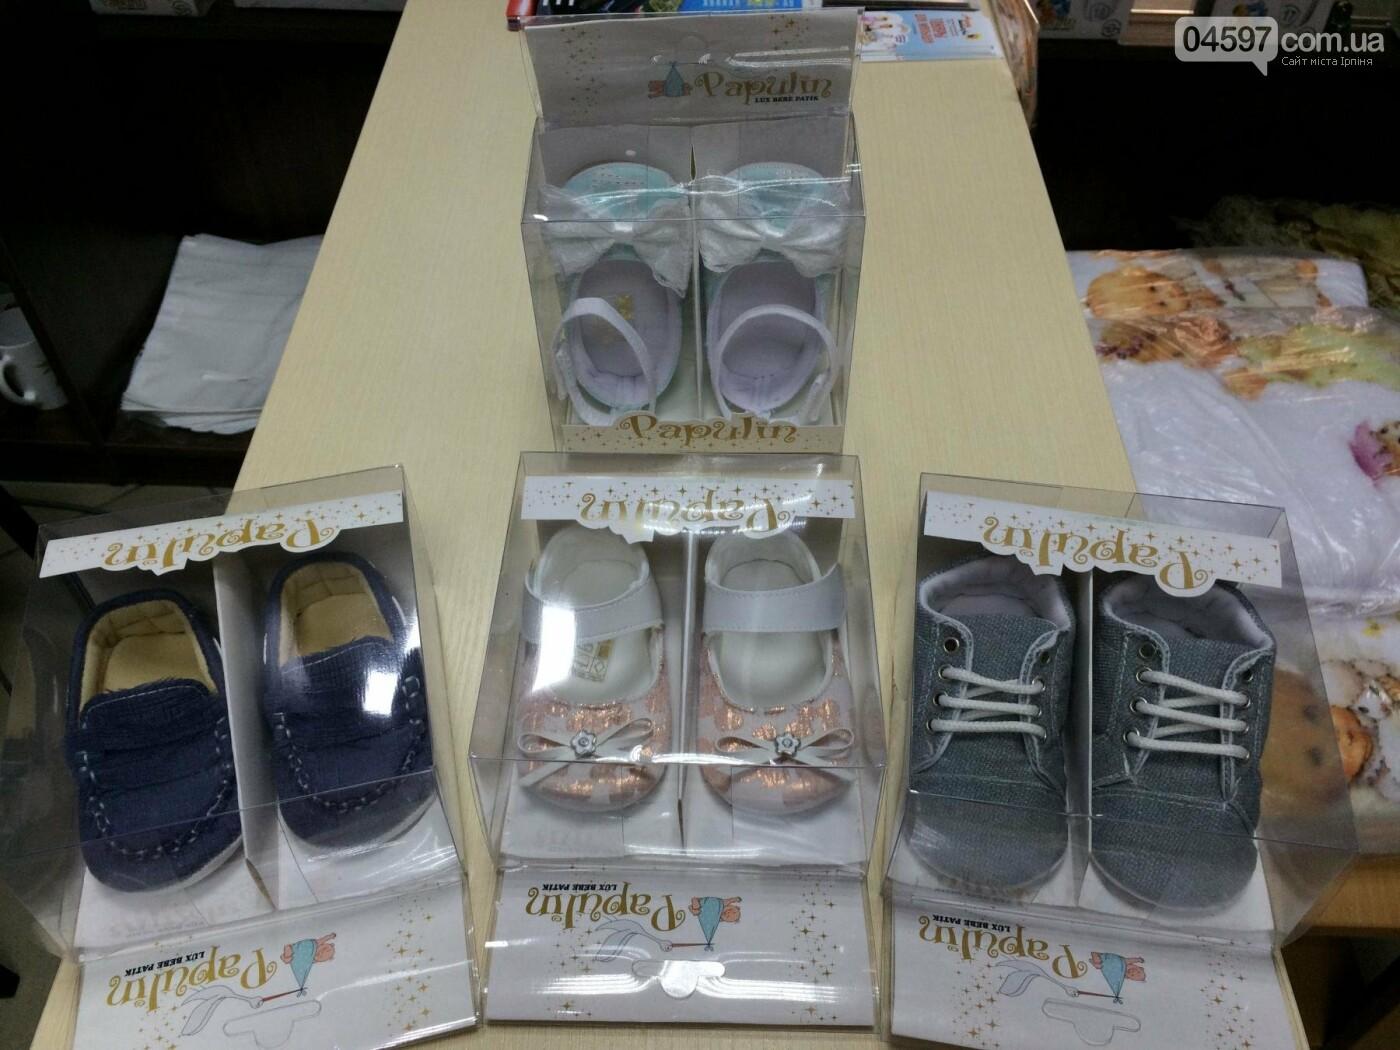 Де купити дитячий одяг в Ірпені: асортимент та ціни, фото-65